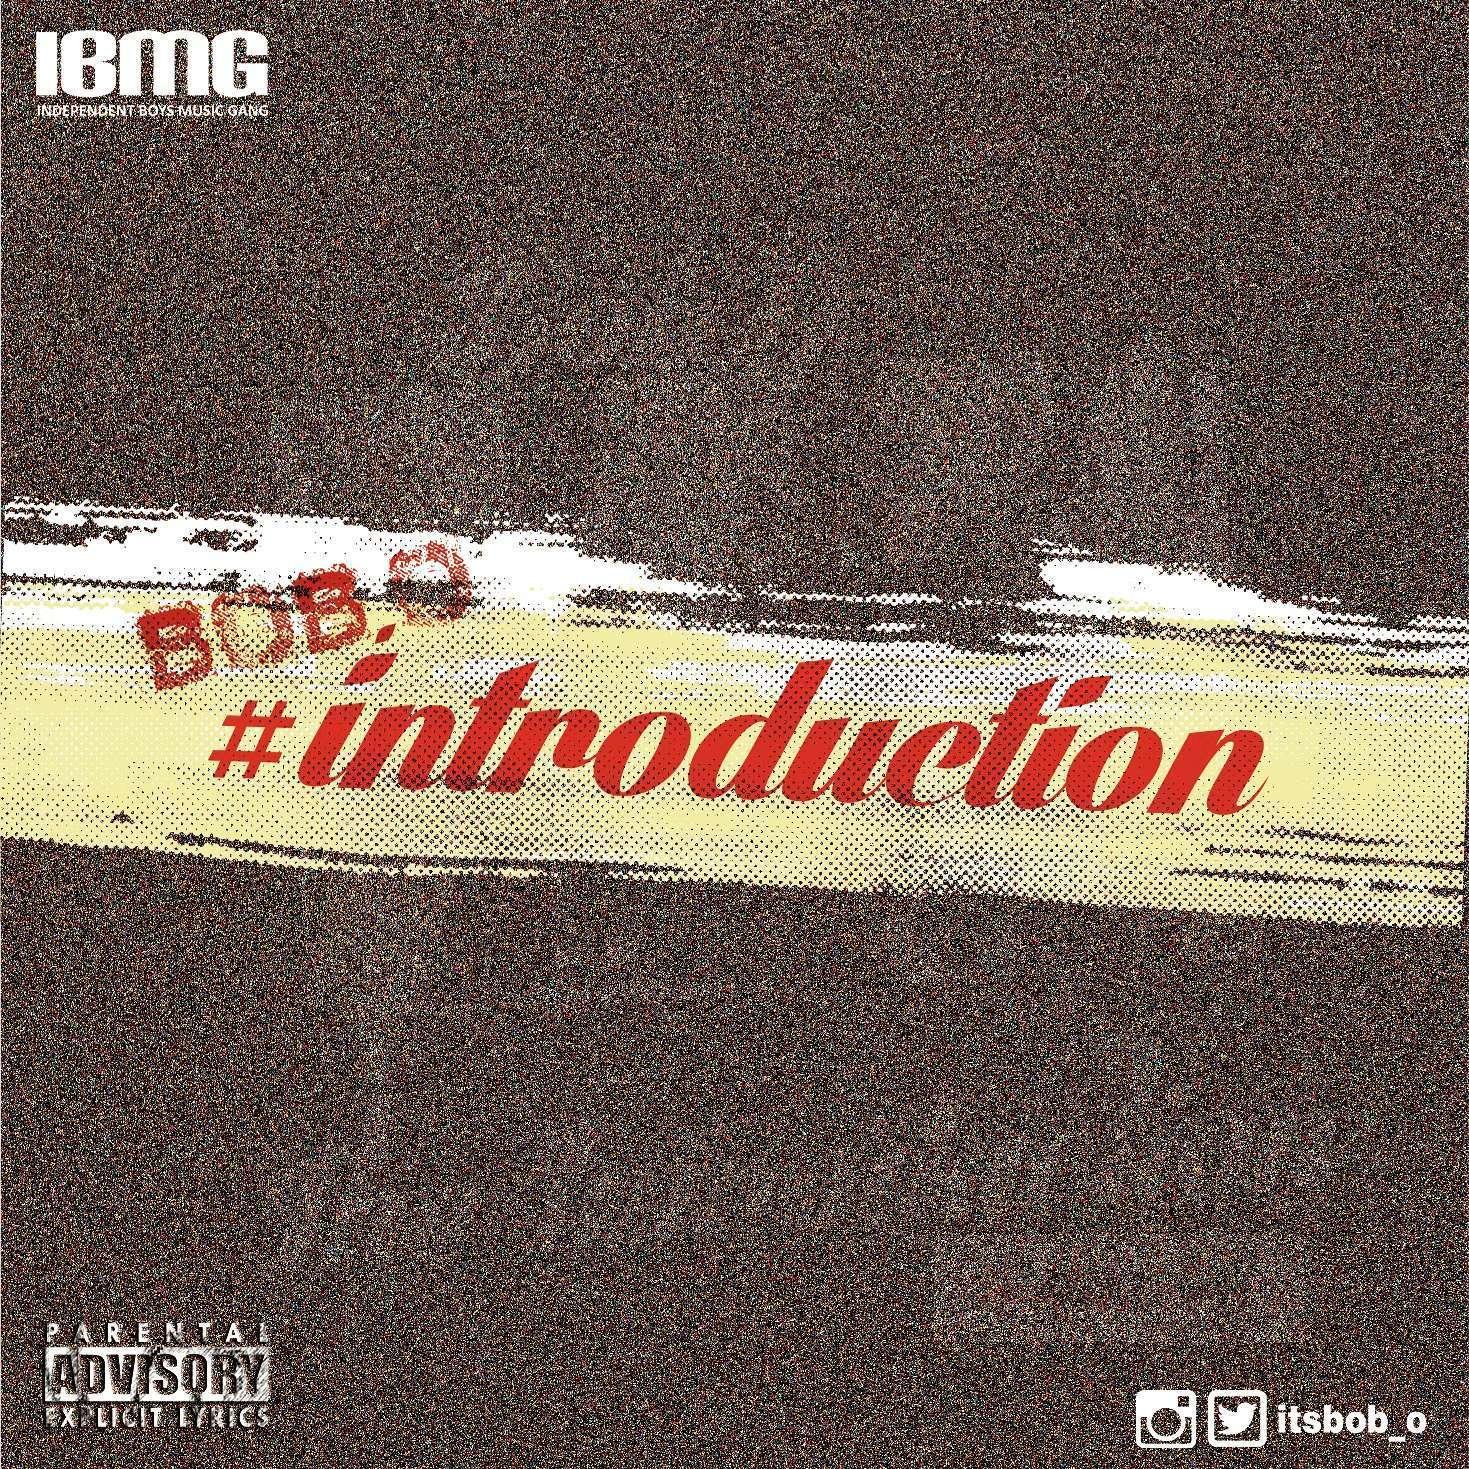 Bob.O - Introduction